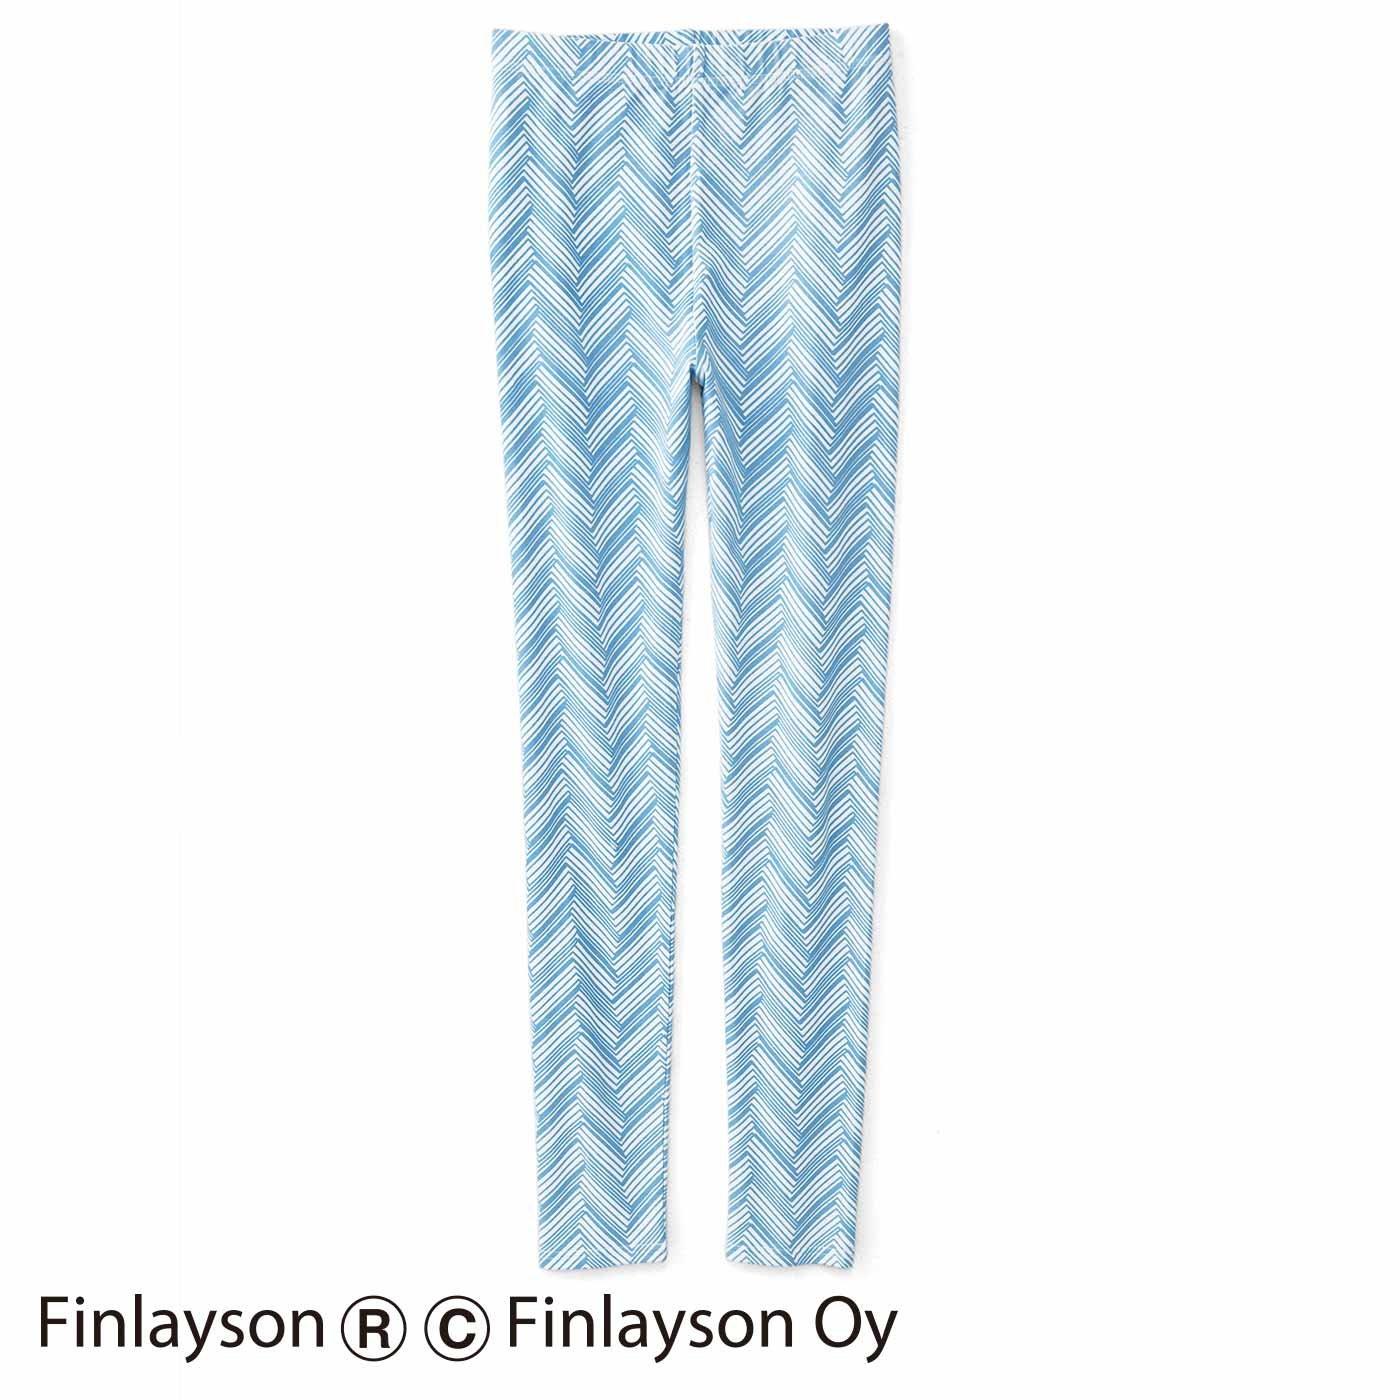 フィンレイソン のびやかなはき心地 カットソーレギンス〈シクサク〉